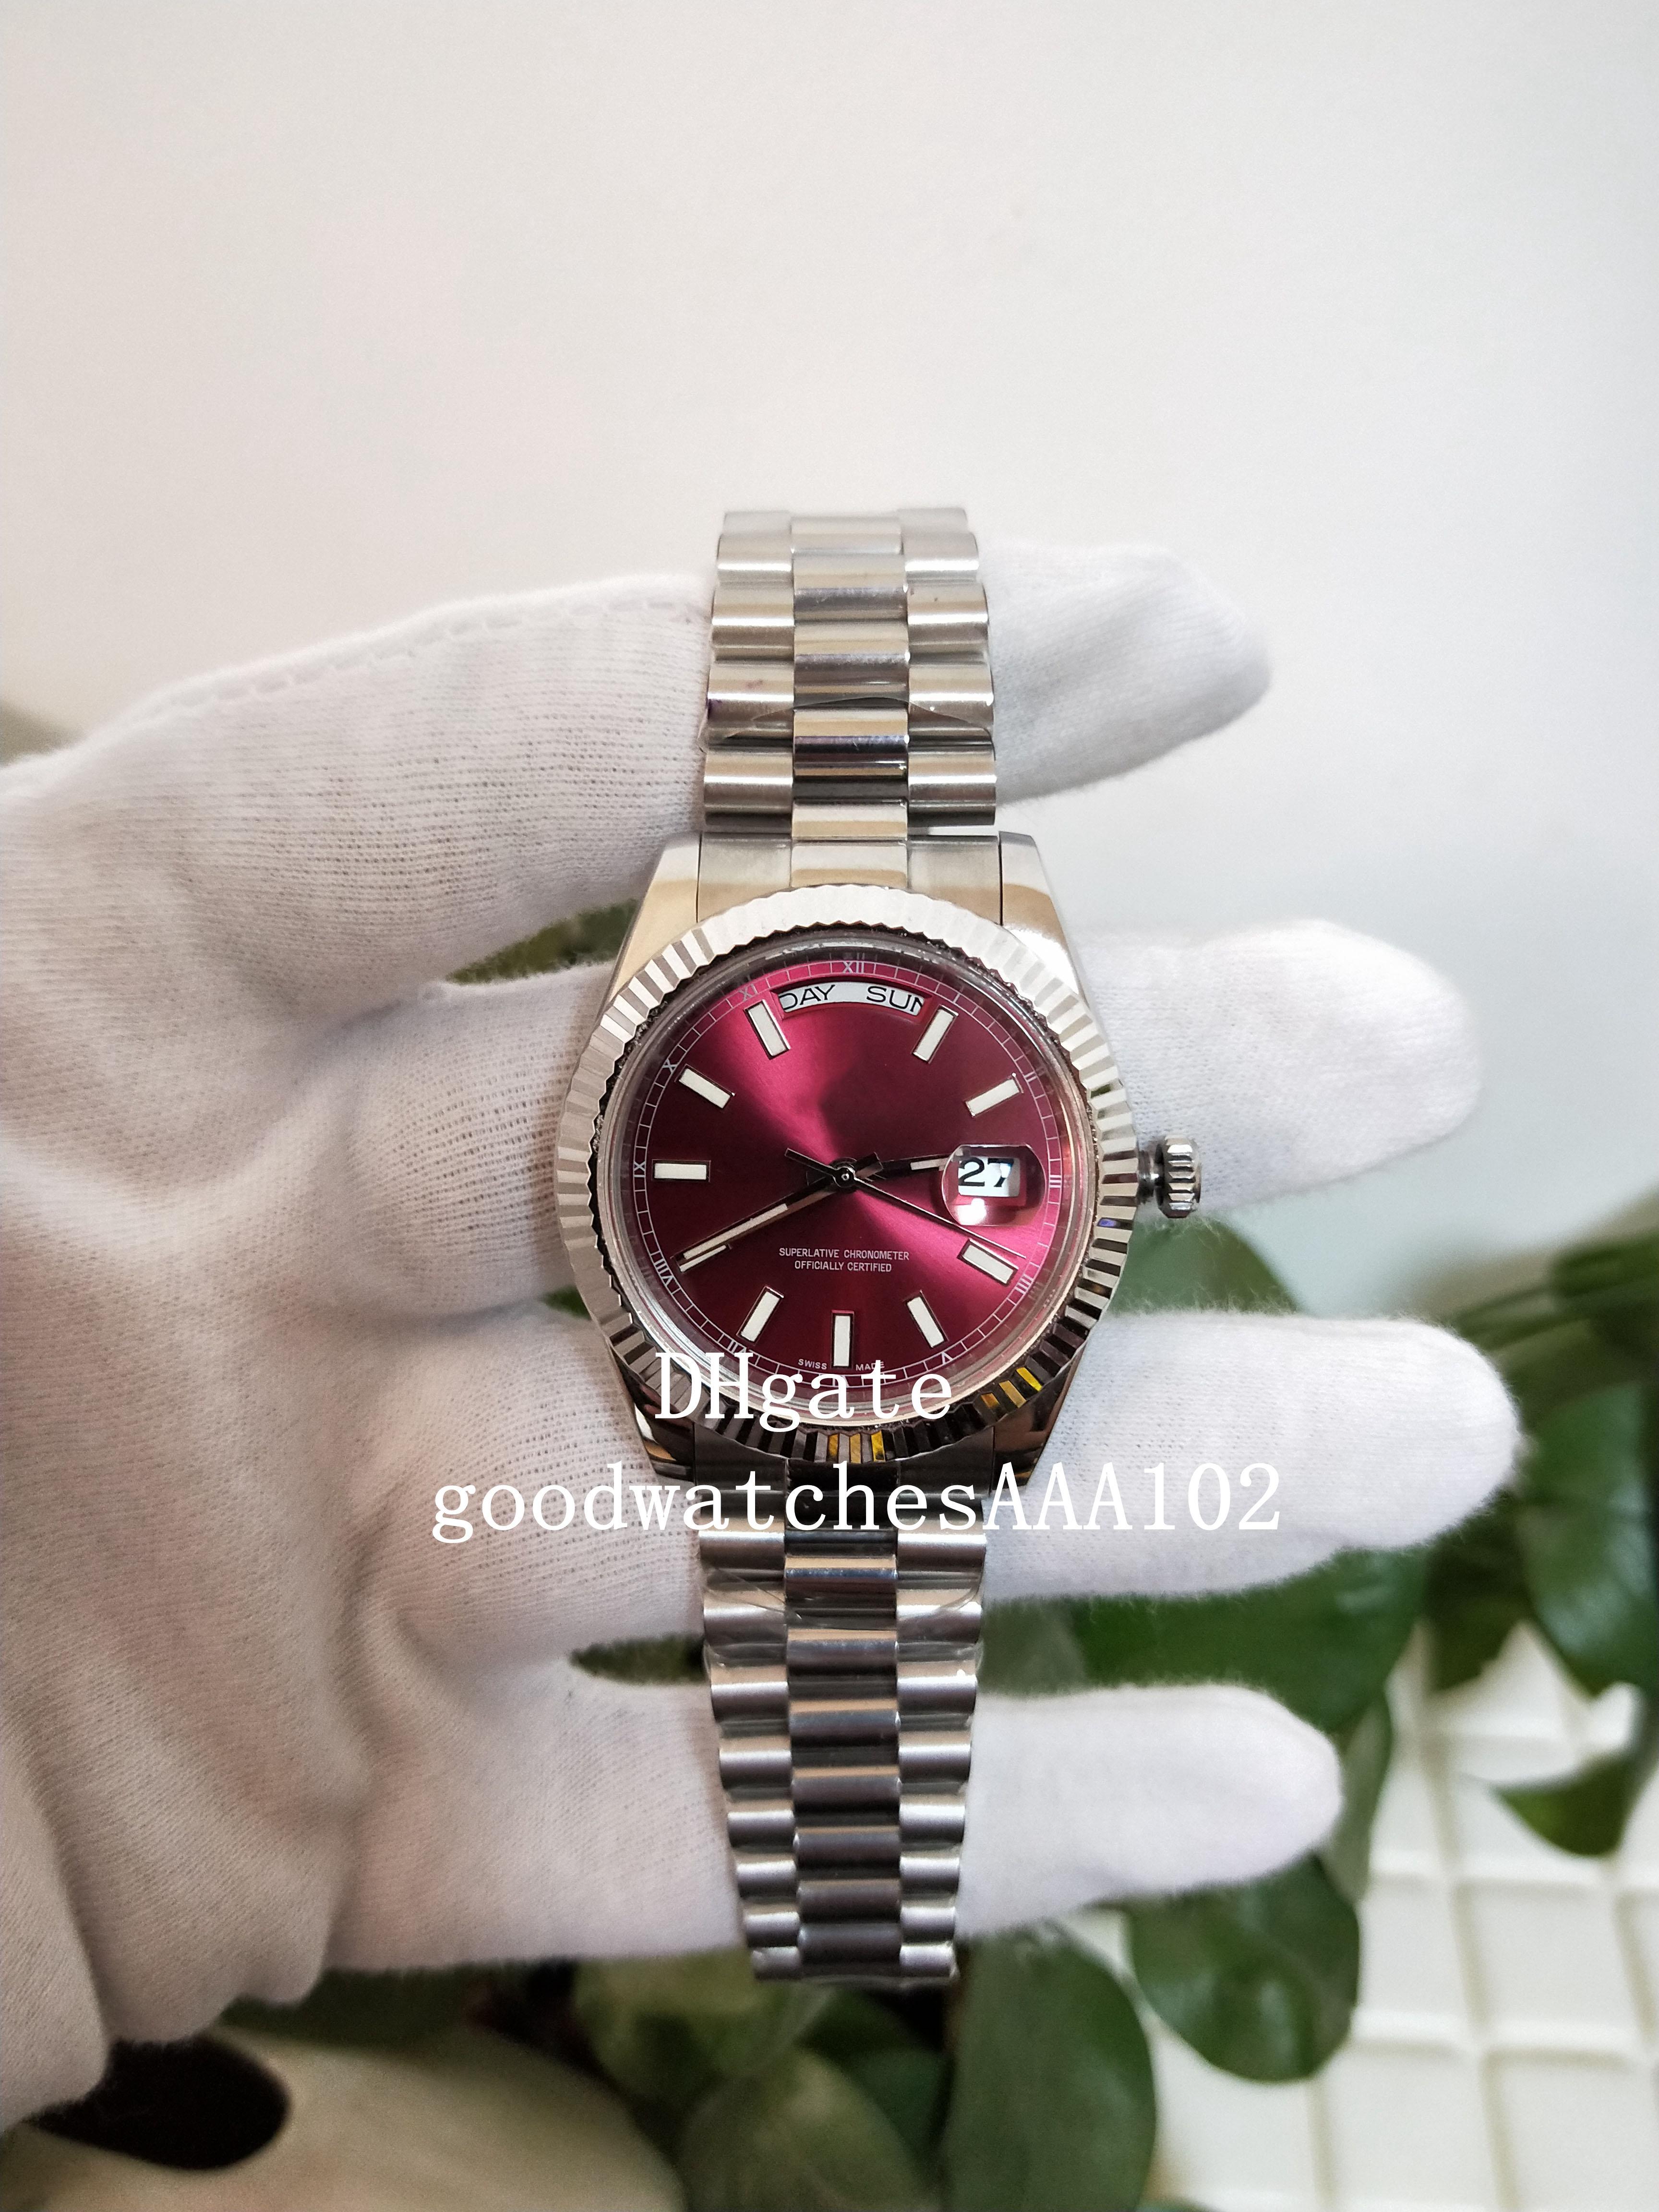 Classic Series Uhruhrmanmannuhr Datejust BP 2813 40mm 36mm Red Dial Saphir 126333 228238 Ausgezeichnete Automatik Herren-Uhr-Uhren